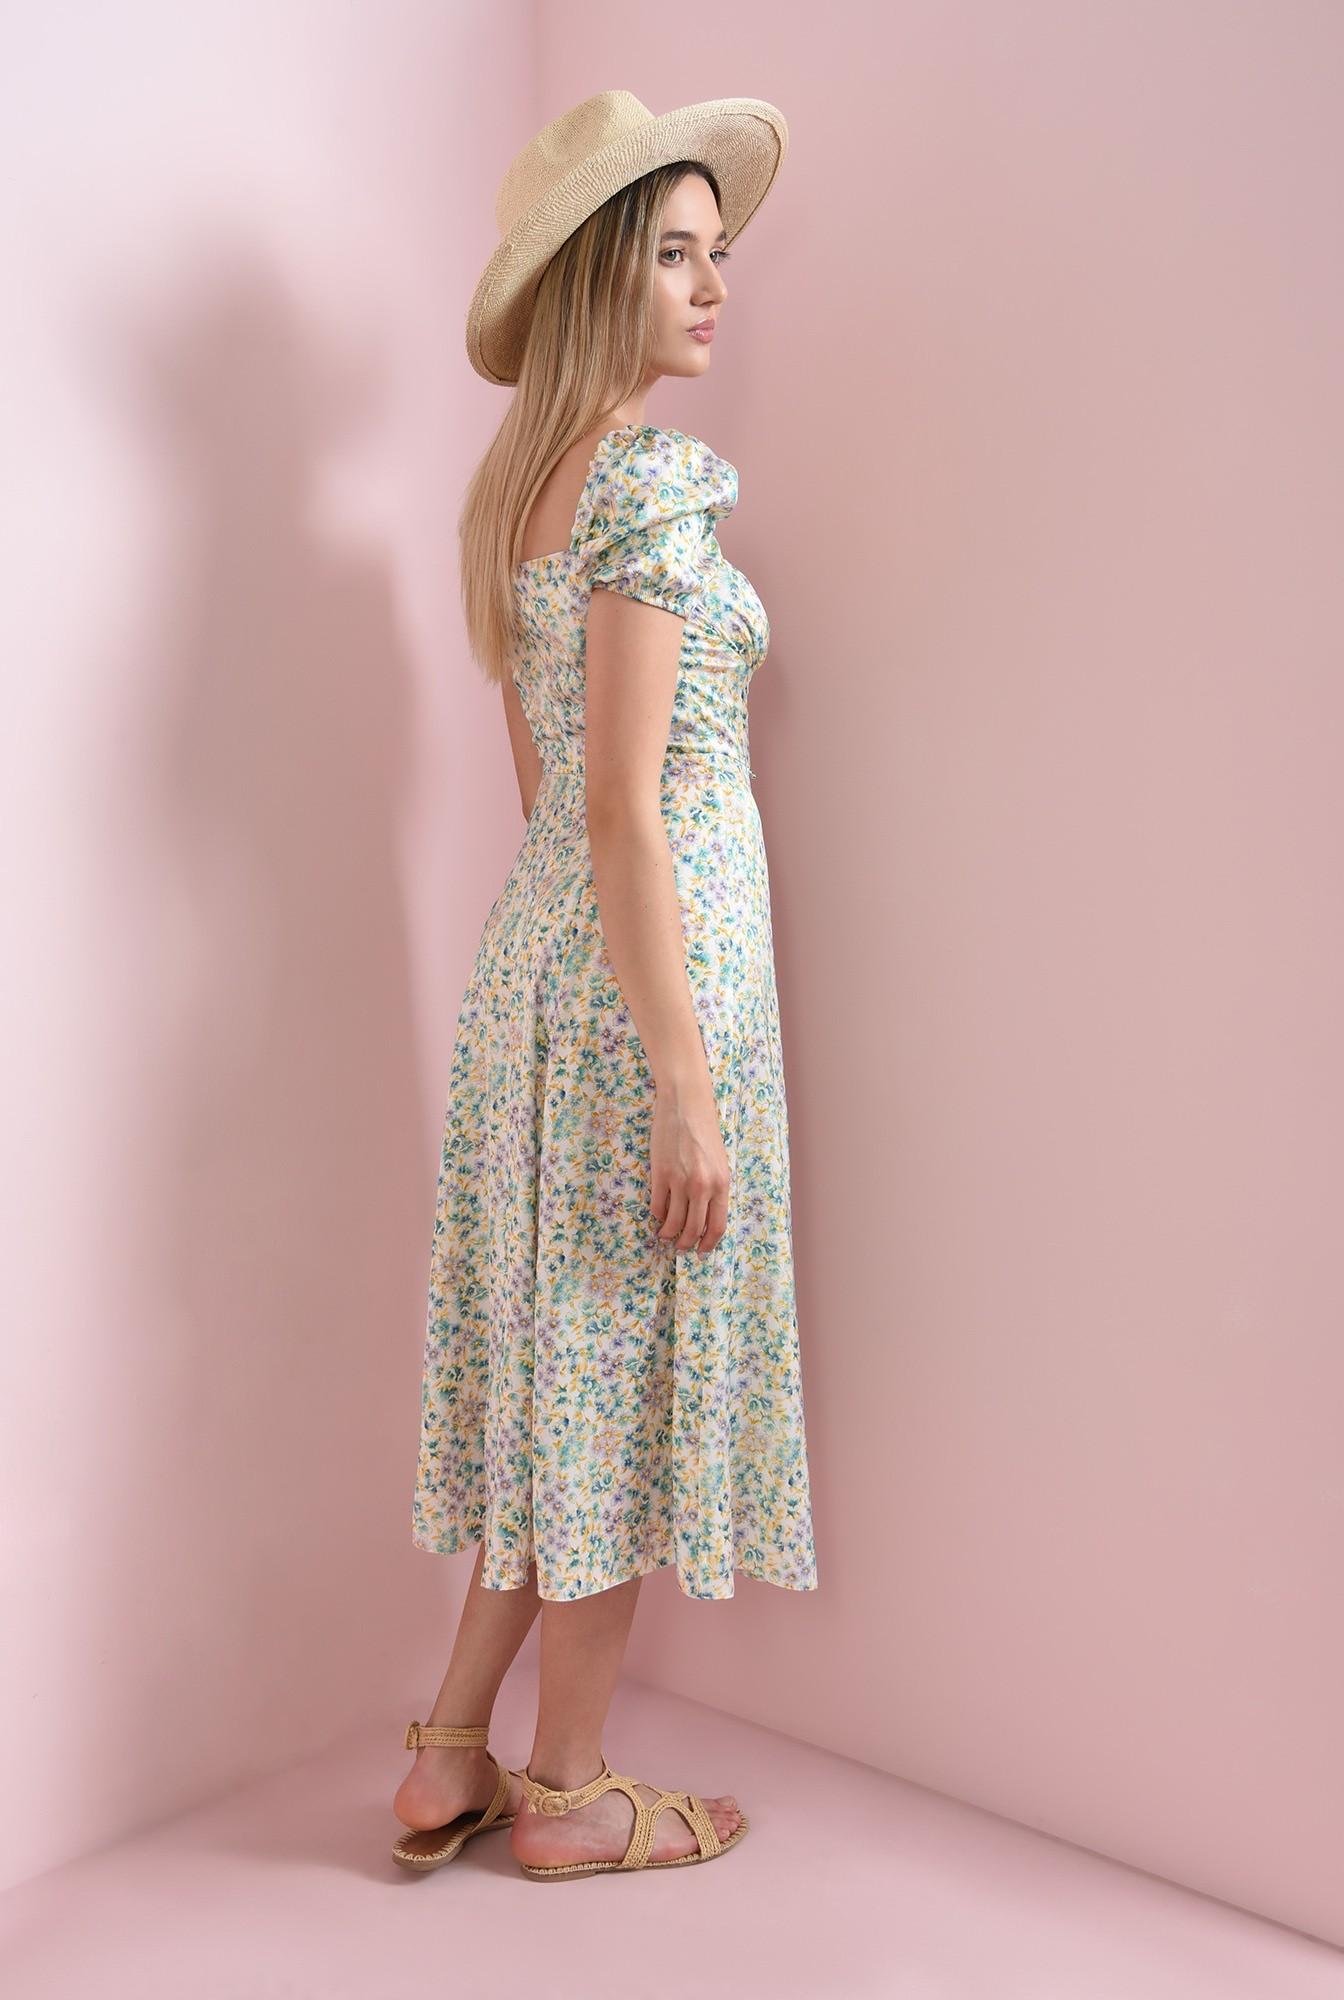 2 - rochie cu print floral, cu maneca scurta